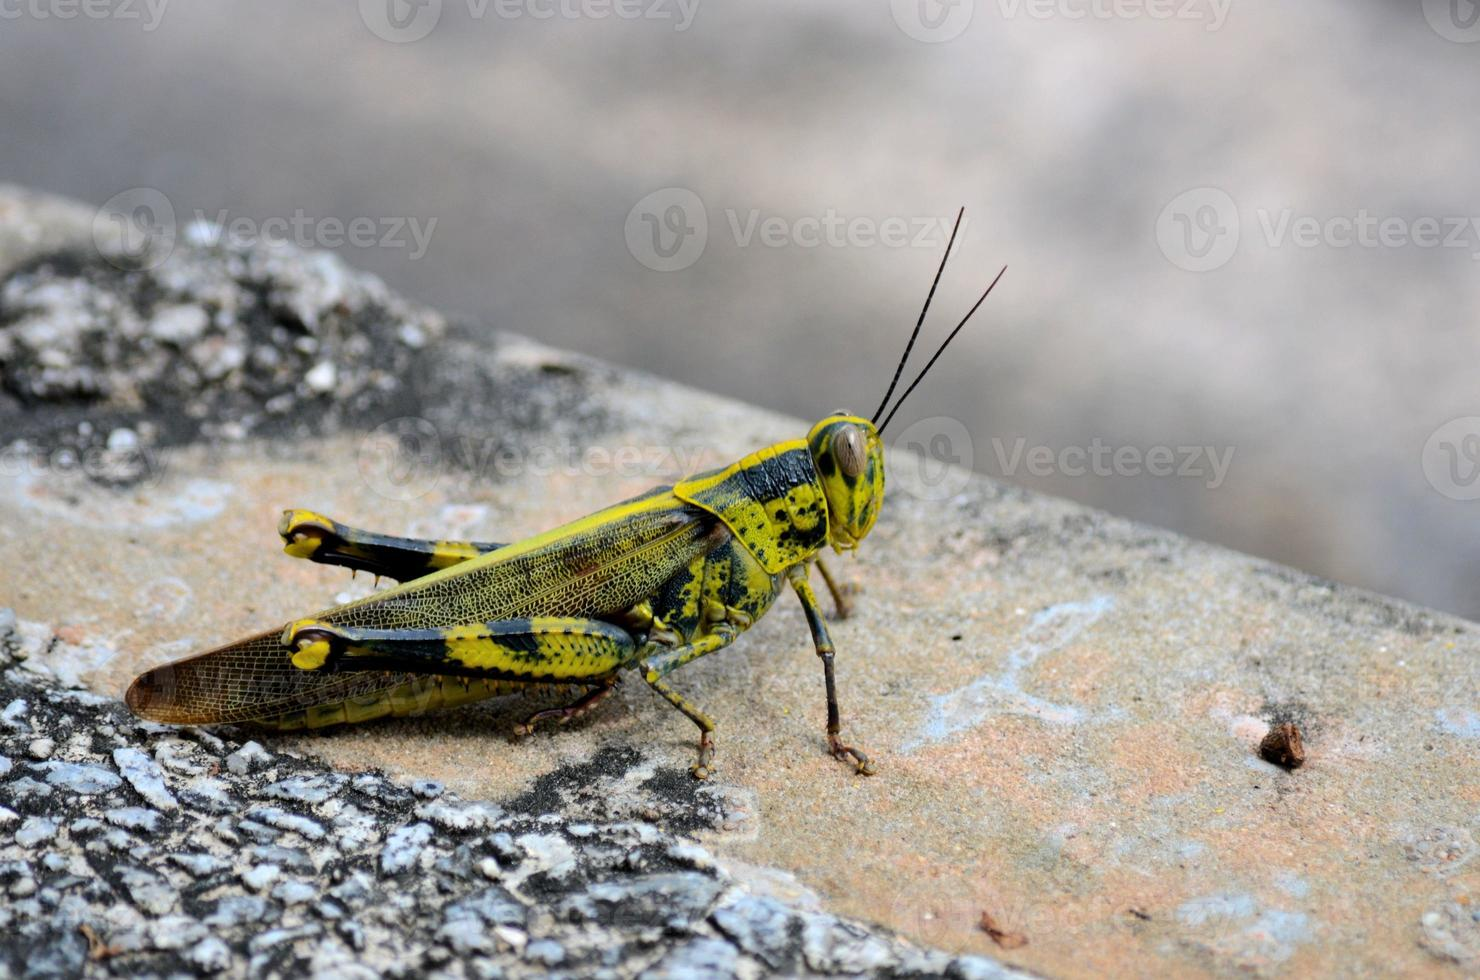 schwarzes, gelbes und grünes Tarnheuschreckeninsekt foto